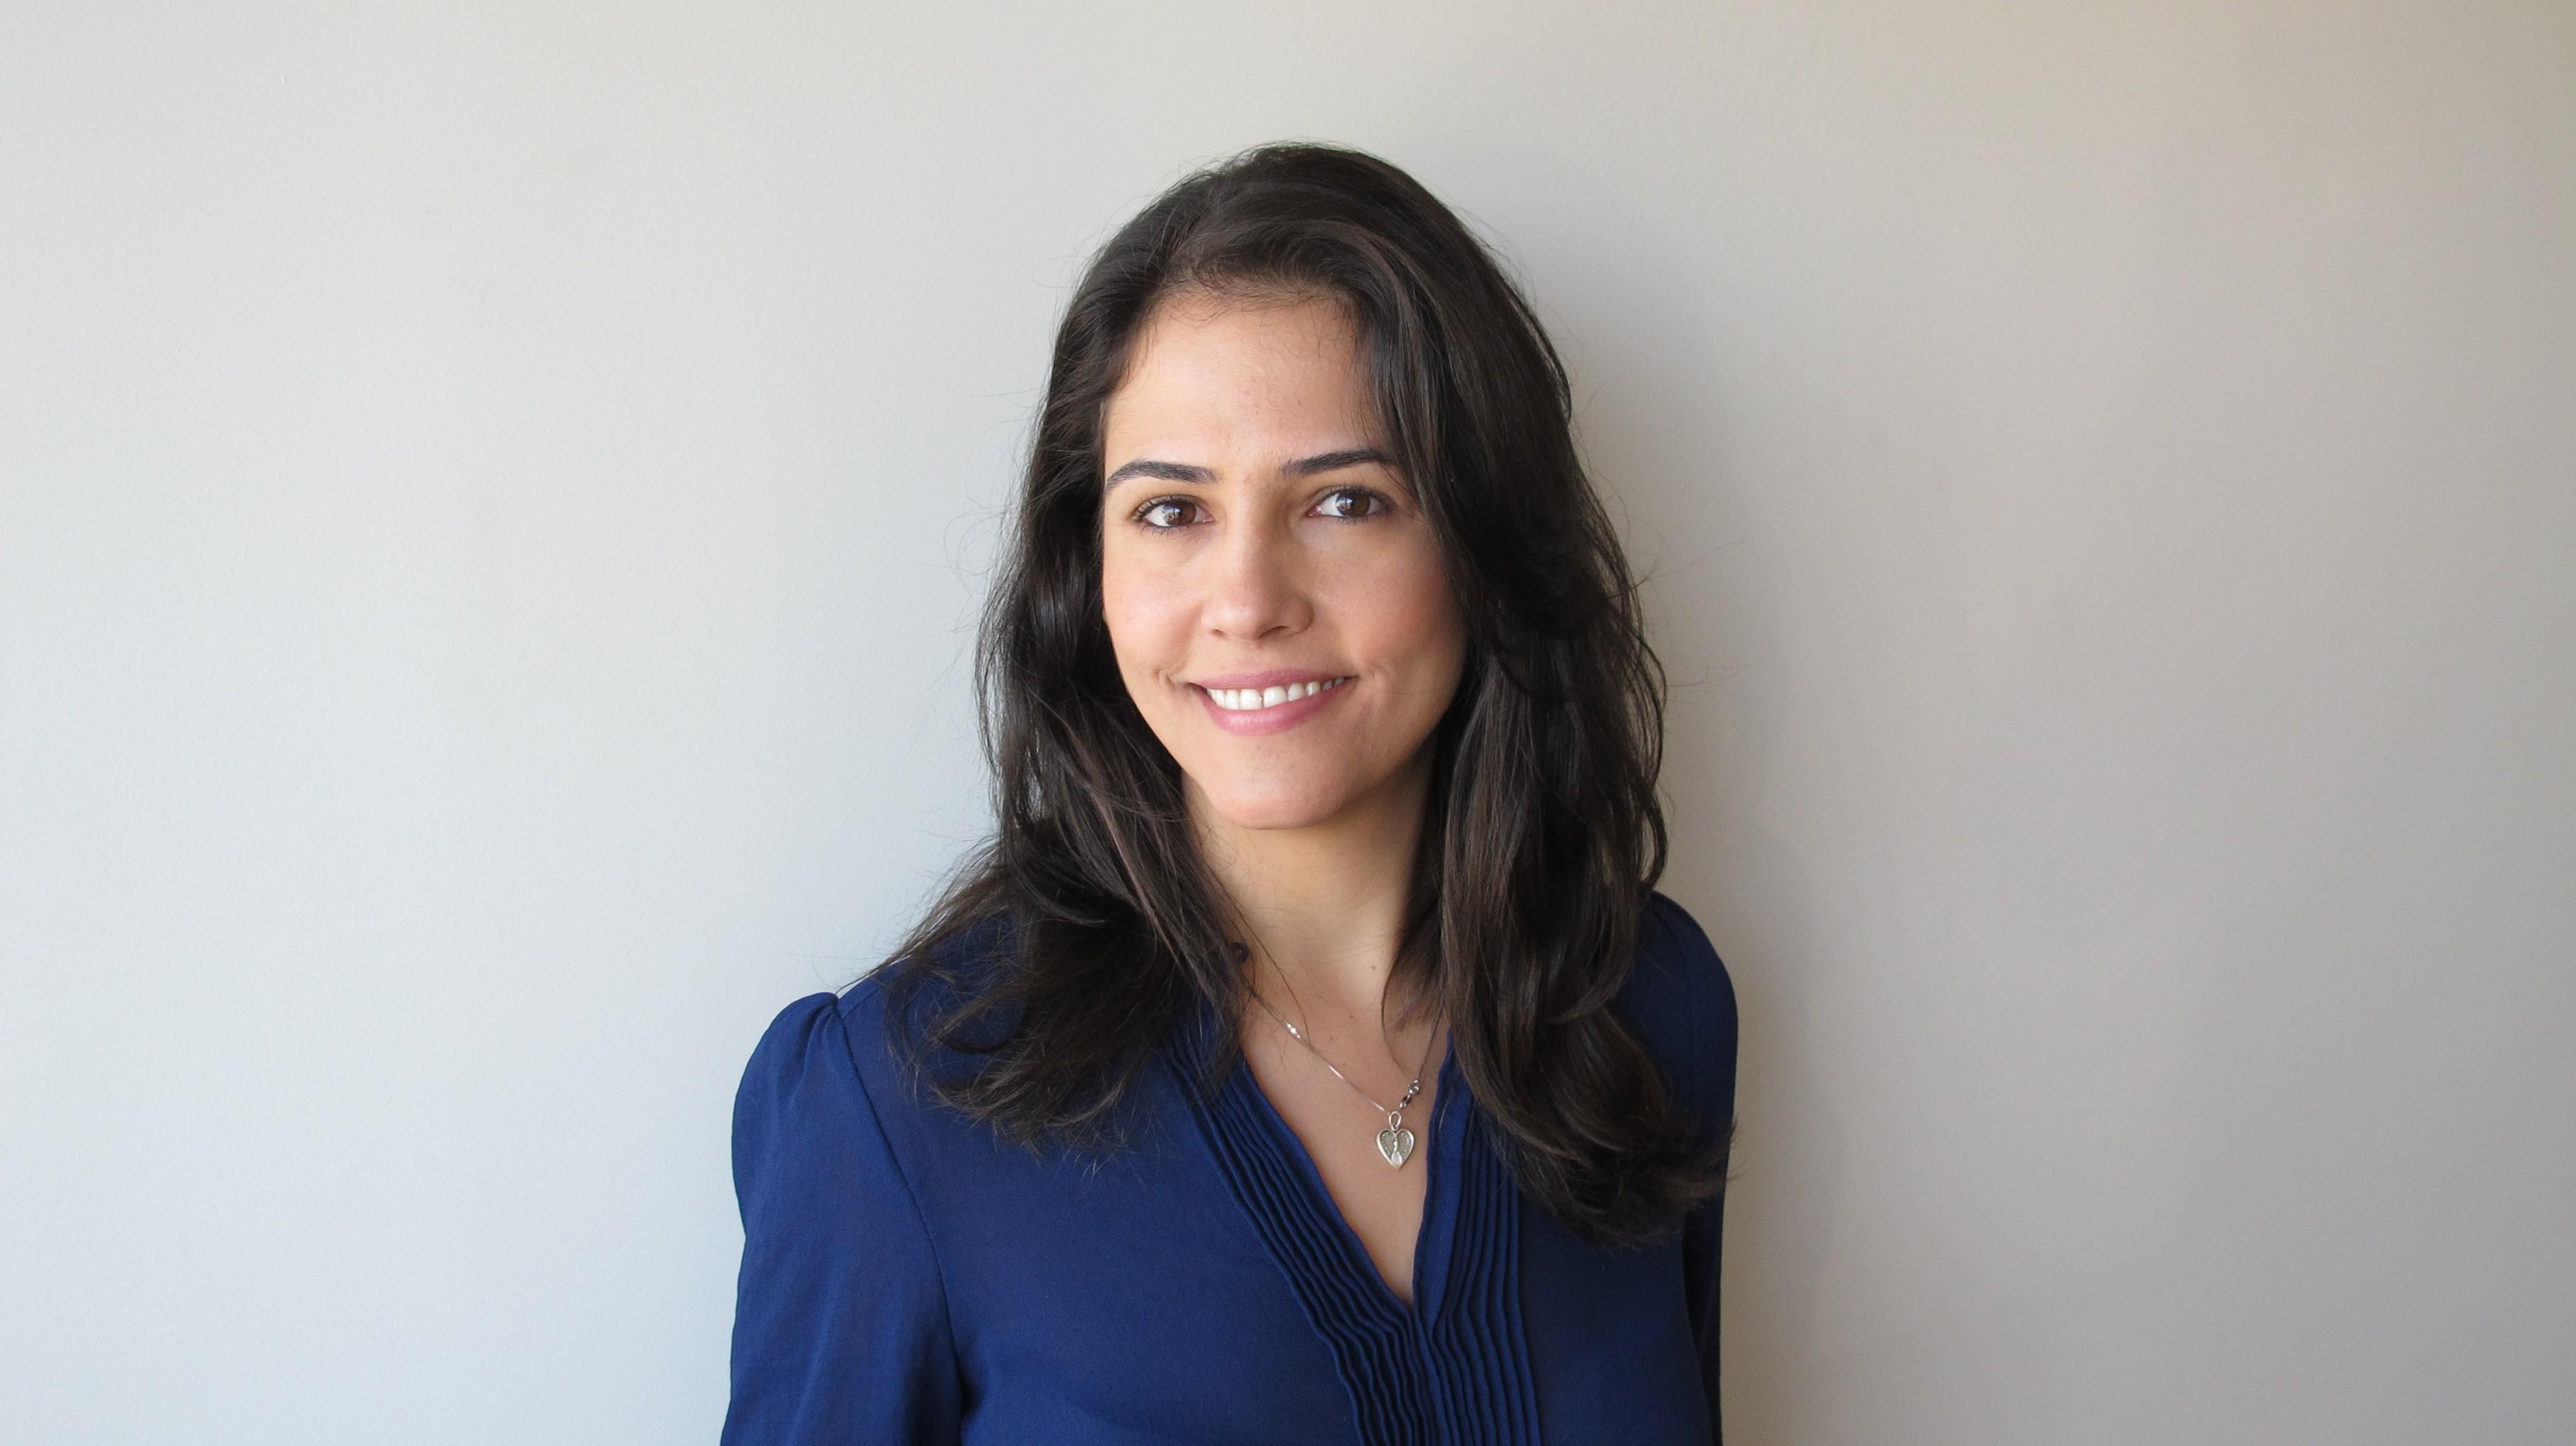 A jovem escritora Isabela Noronha